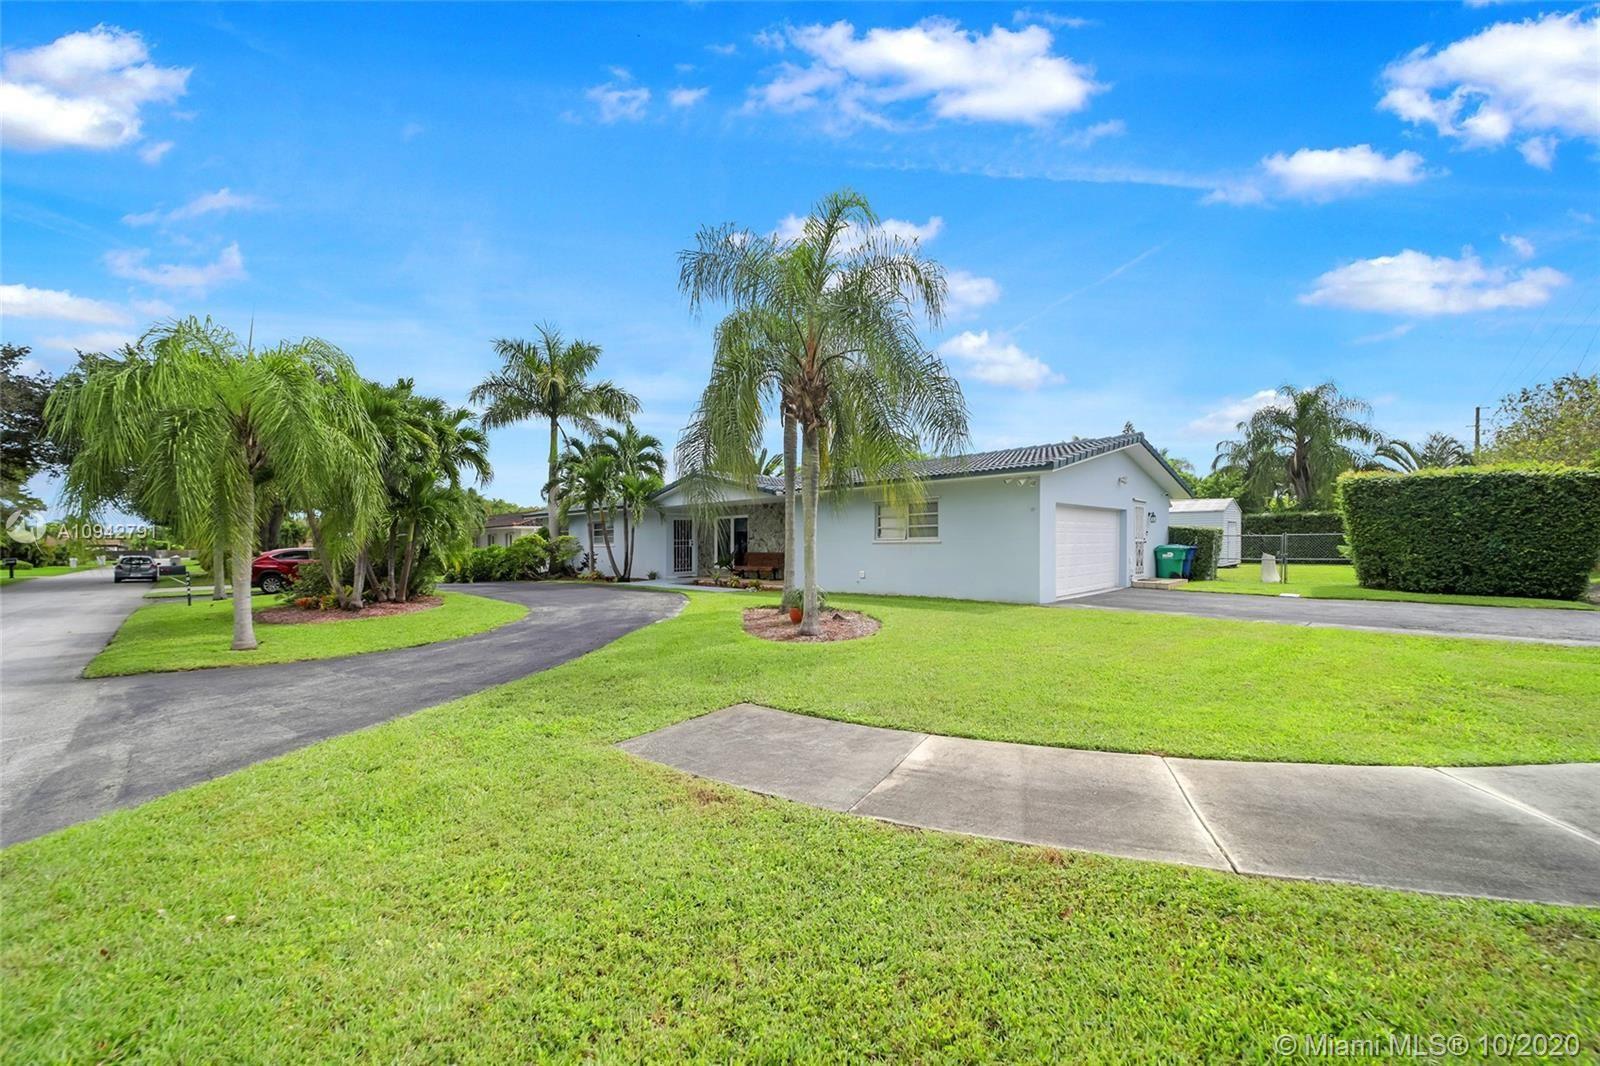 10178 SW 127th St, Miami, FL 33176 - #: A10942791